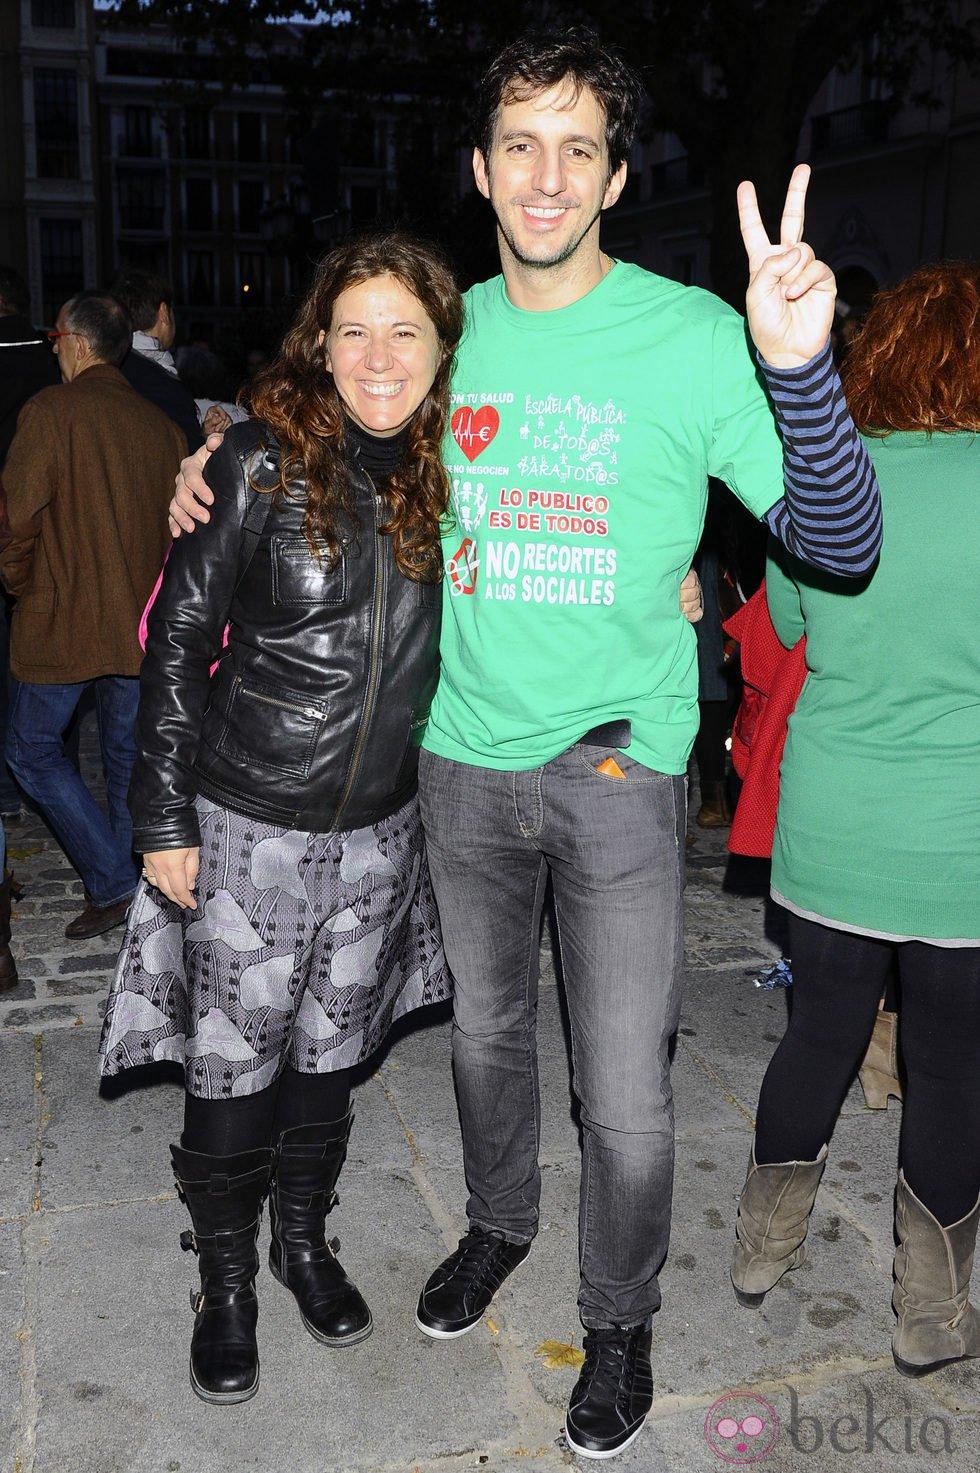 Fátima Baeza y Guillermo Ortega se manifiestan con motivo de la Huelga General del 14N